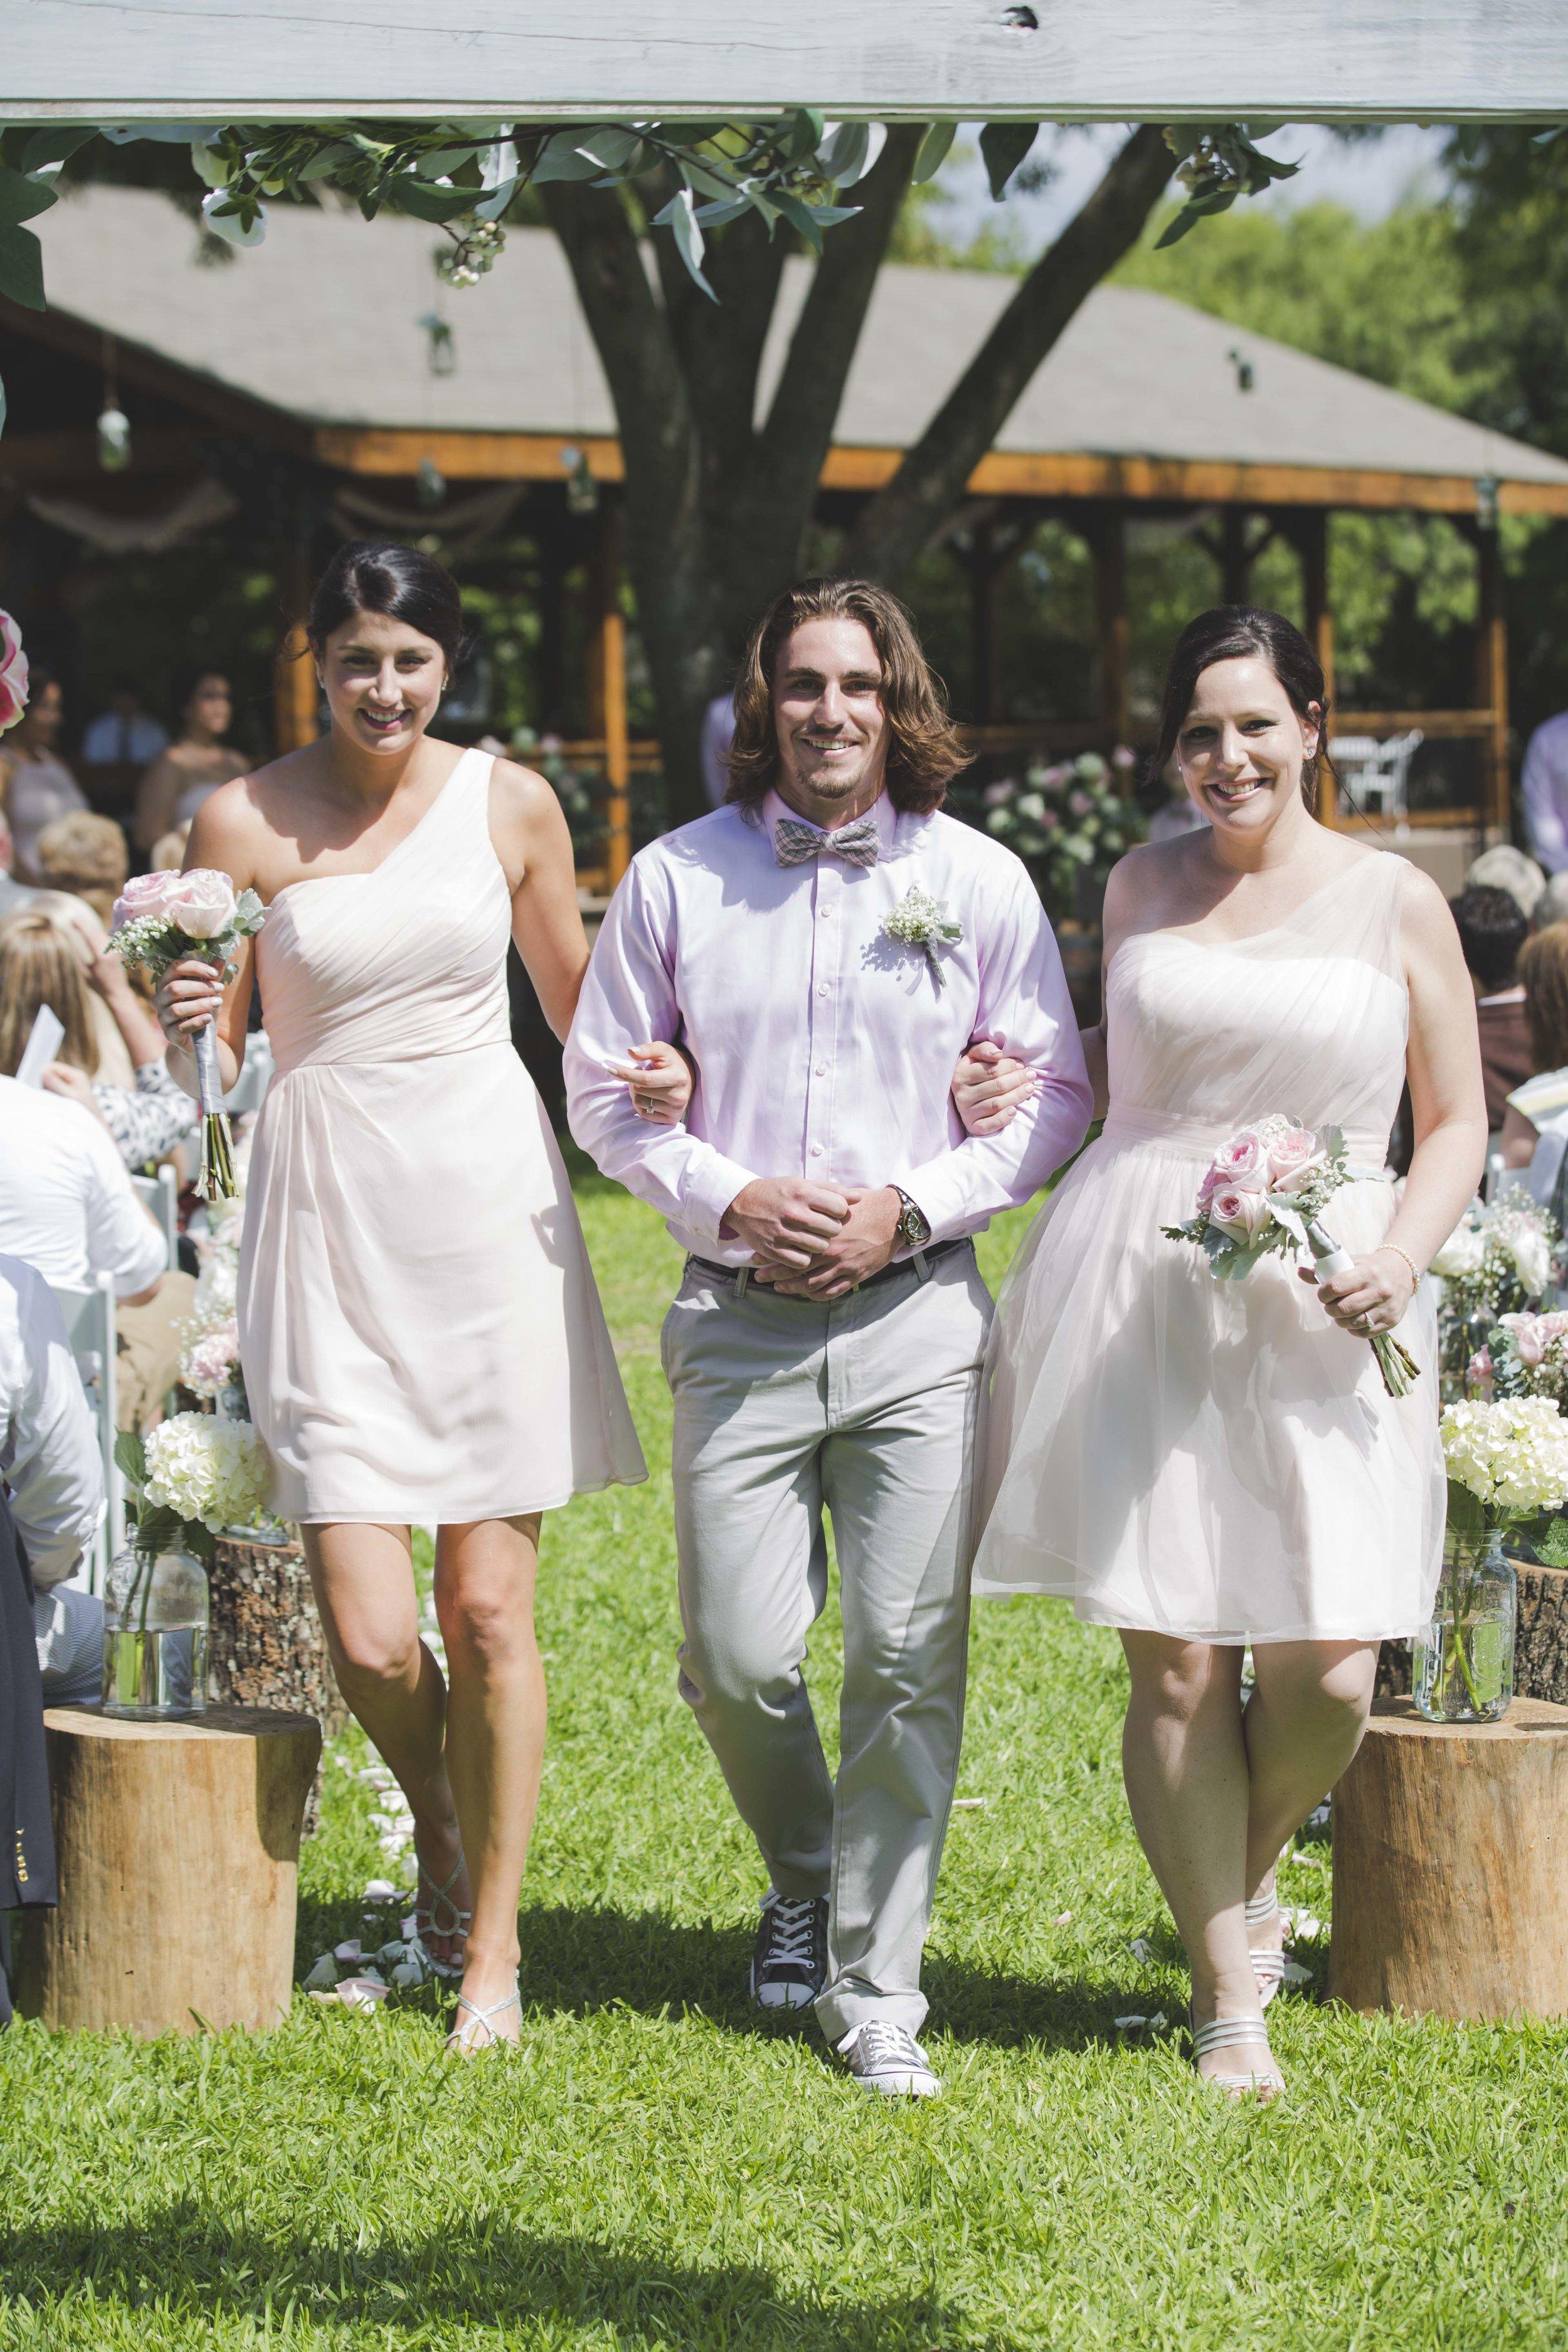 ATGI_Susanna & Matt Wedding_717A7884.jpg